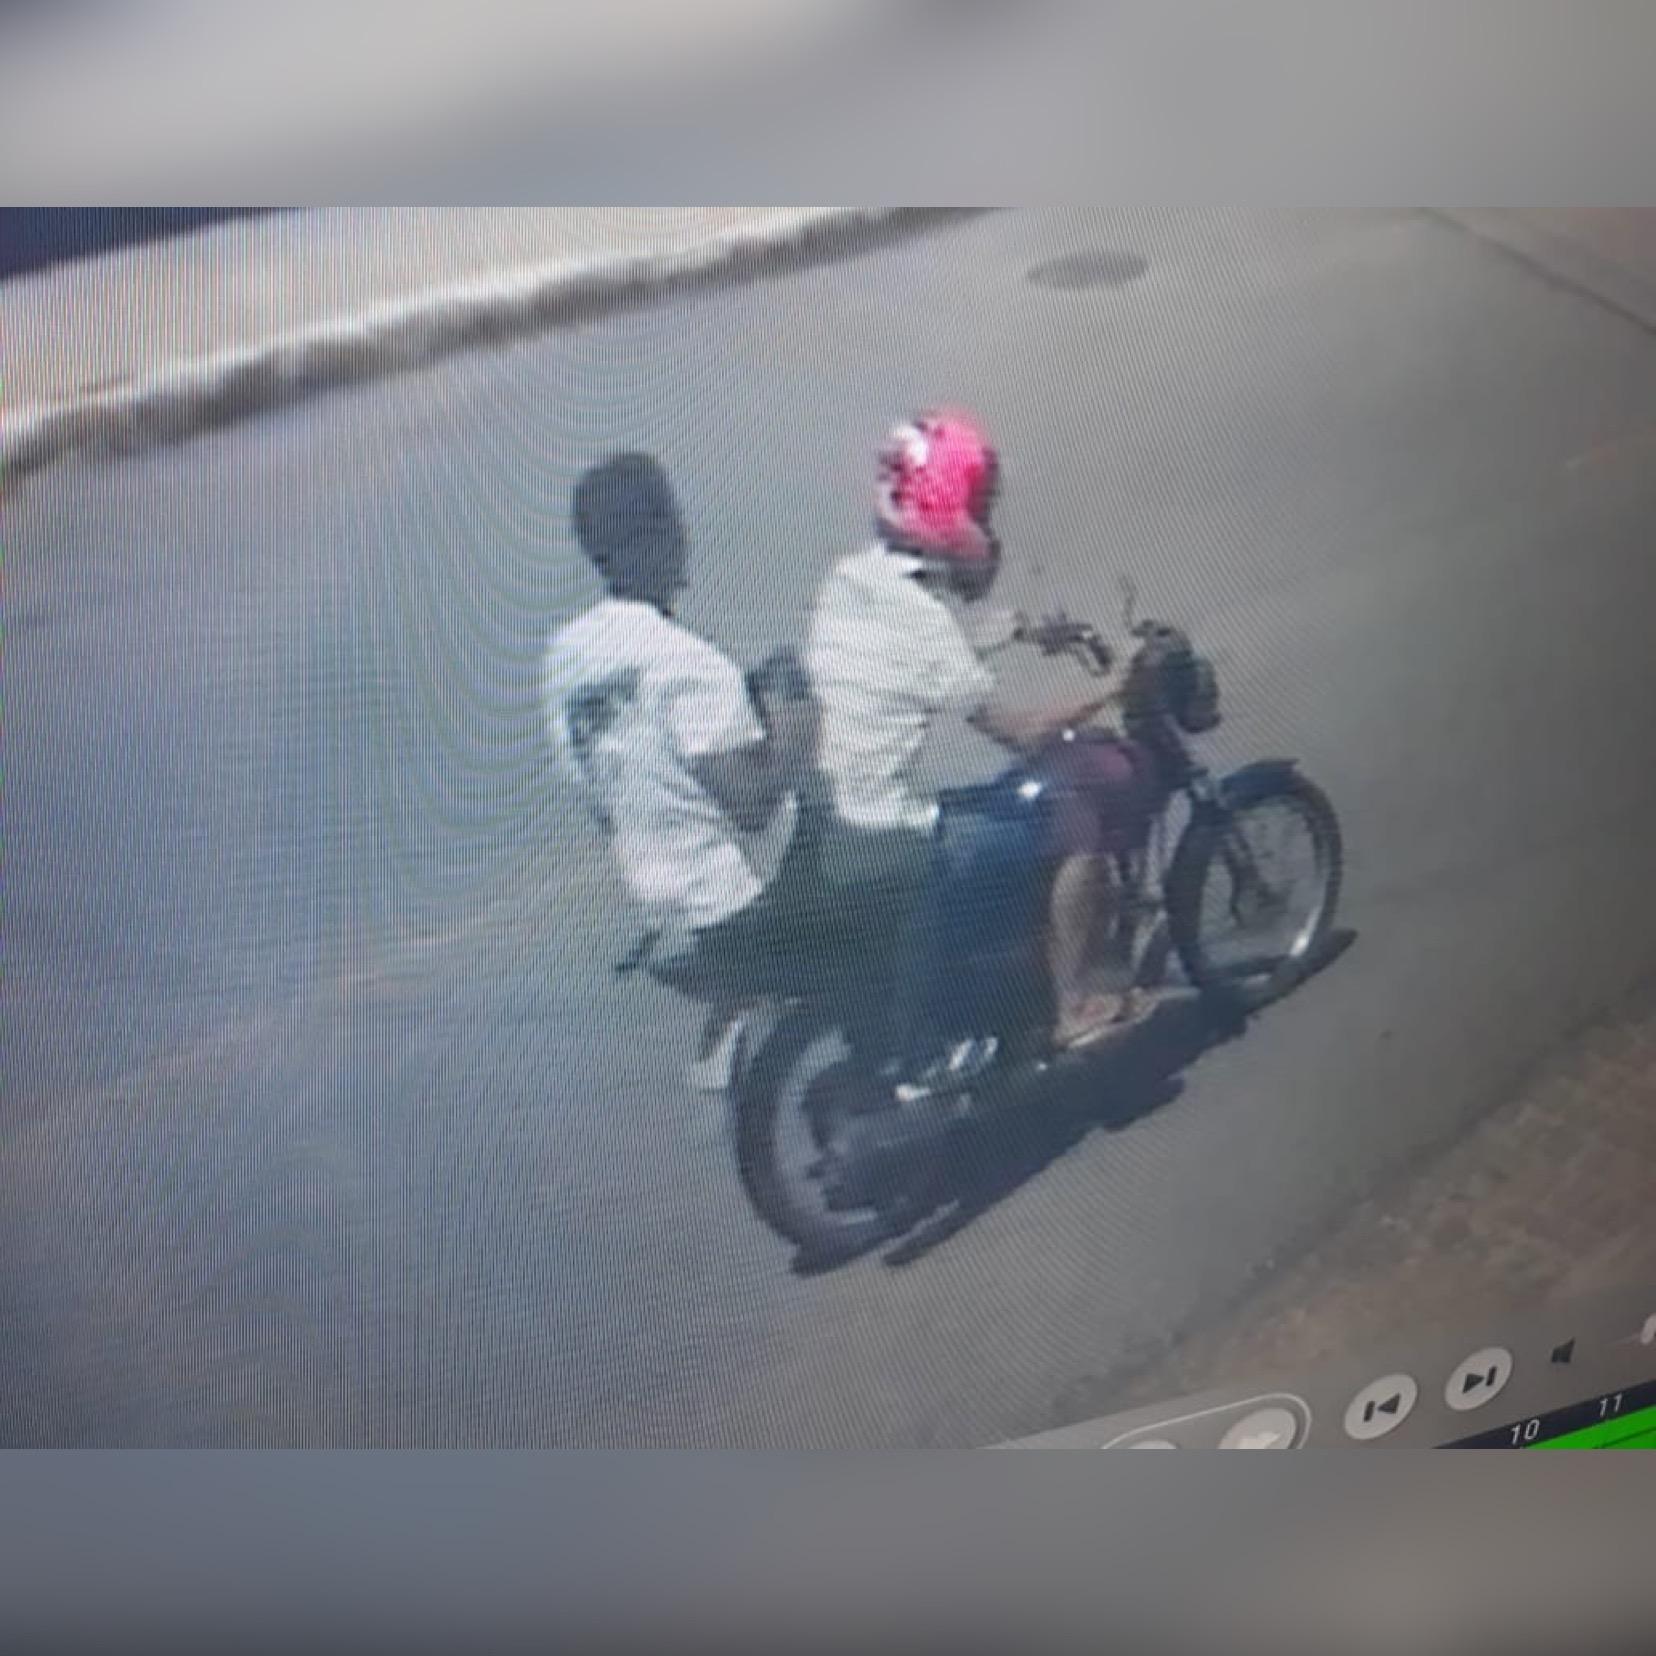 Resultado de imagem para Novas imagens mostram fuga de bandidos após matar sargento dentro de batalhão em João Pessoa; assista